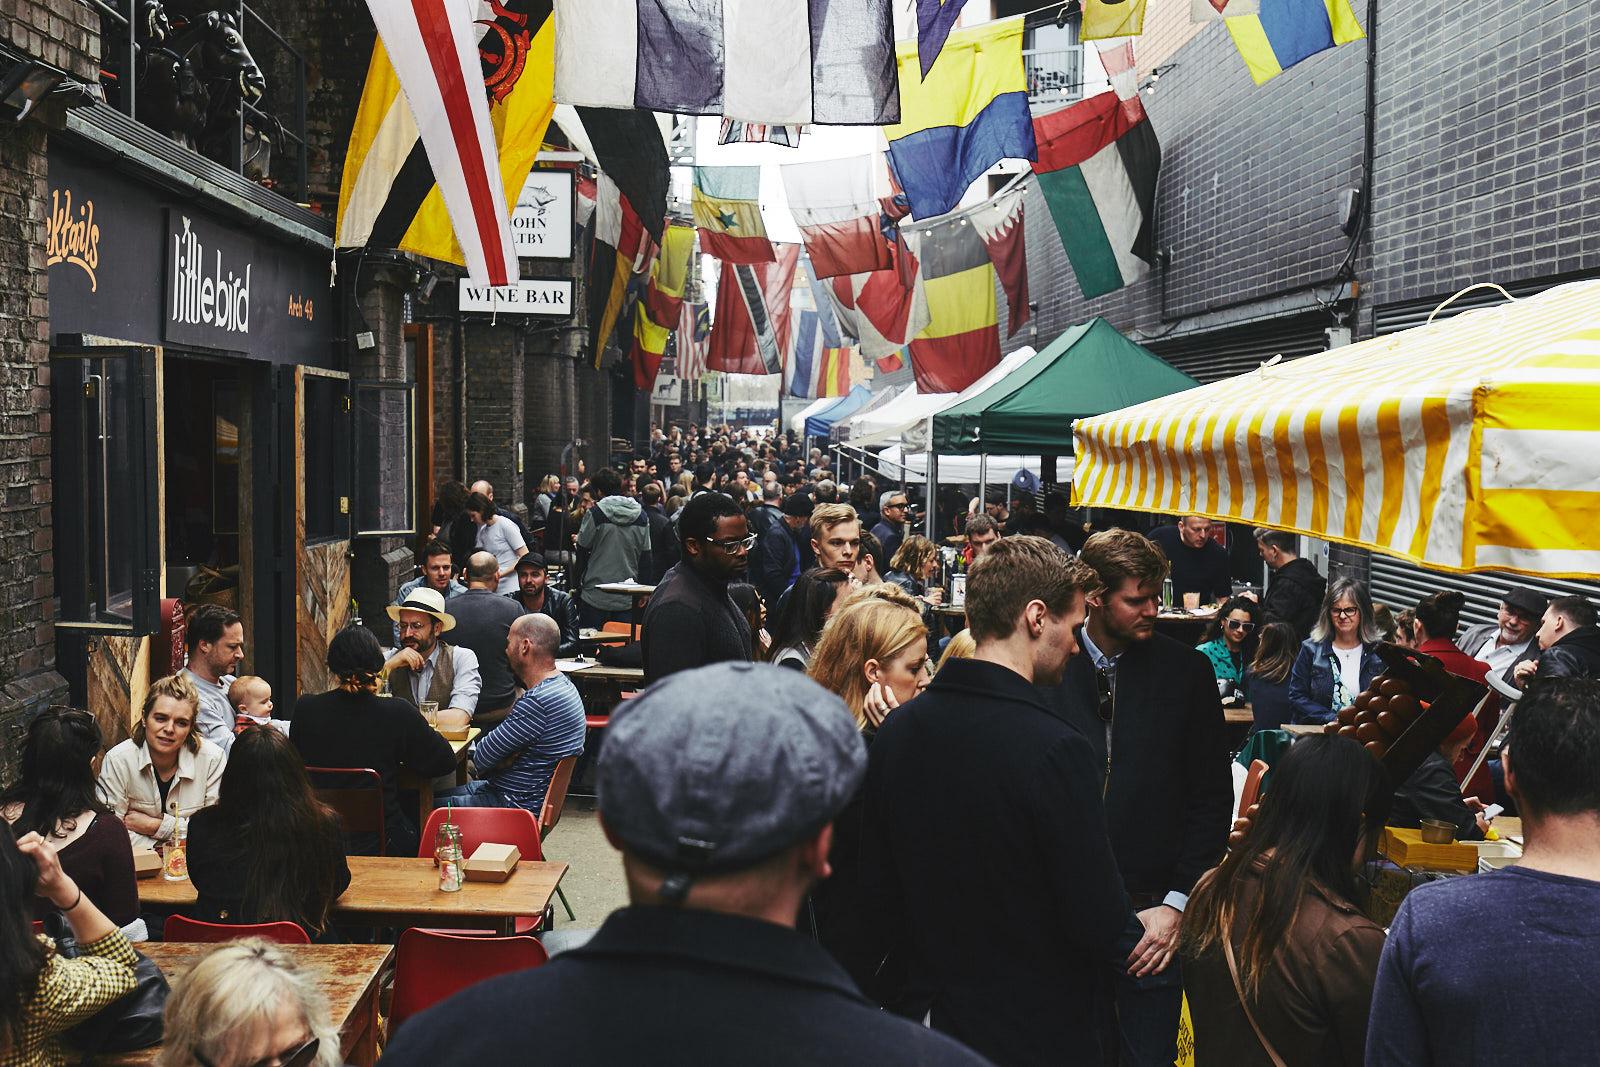 Maltby Street Market, Londres, Inglaterra